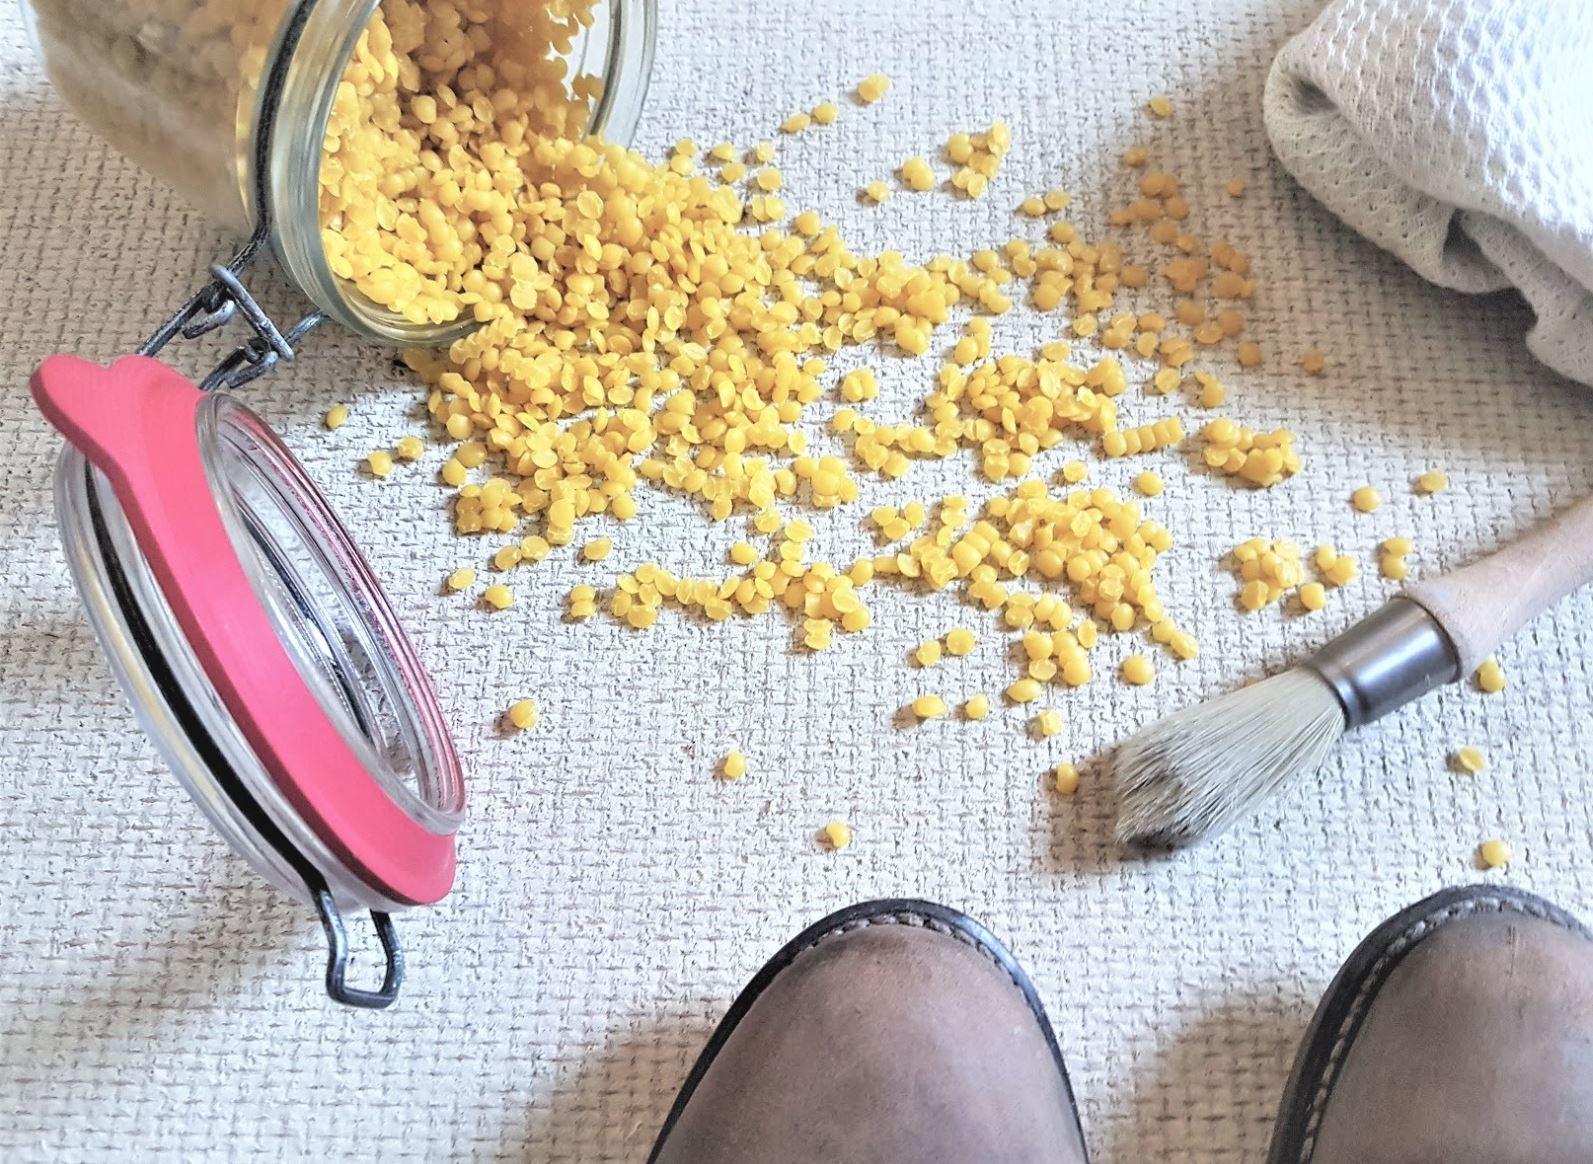 cire abeille impermeabiliser chaussures zéro déchet imperméabilisant naturel